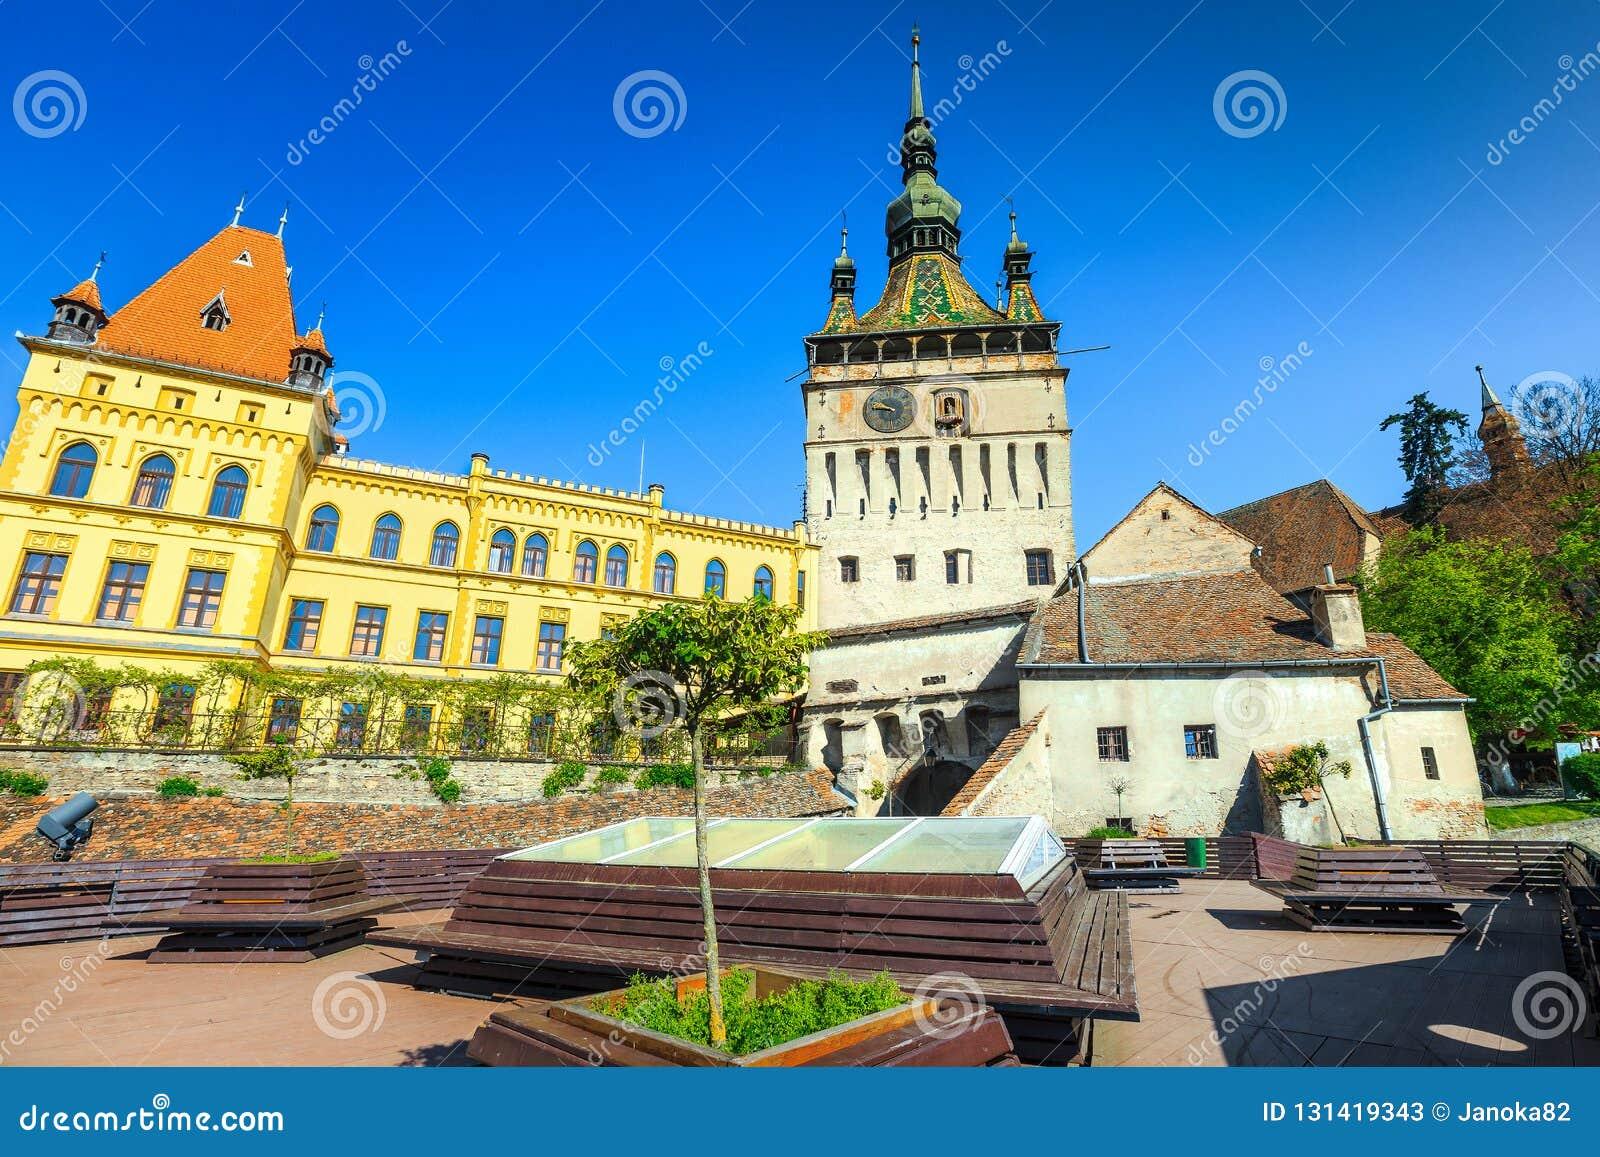 Fantastisk byggnad för klockatorn i den bästa touristic staden, vila ställe med bänkar, Sighisoara, Transylvania, Rumänien, Europ